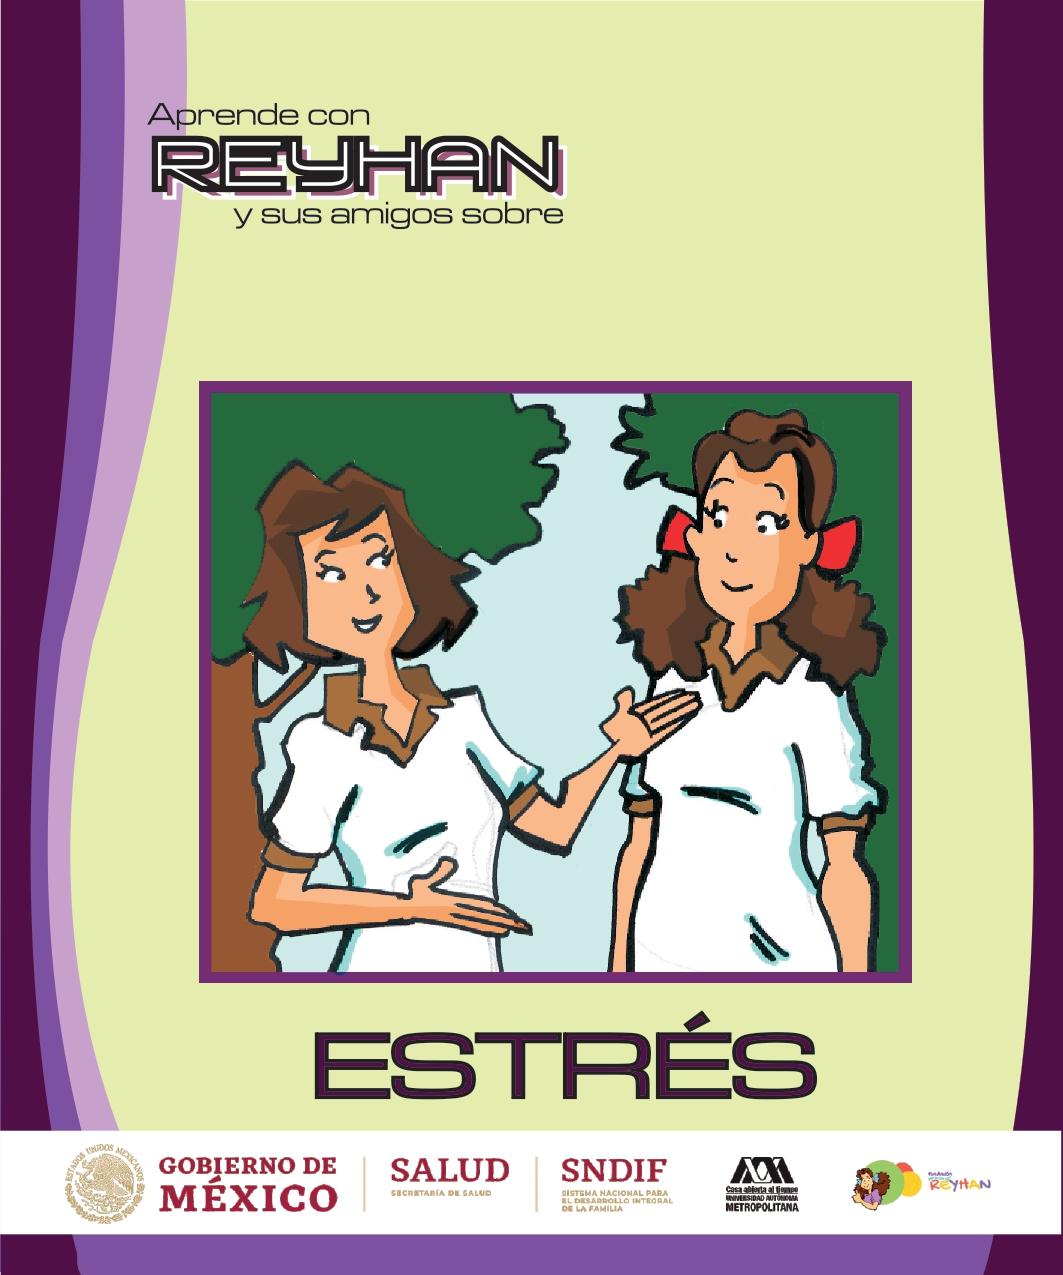 Estres Reyhan digital_page-0001